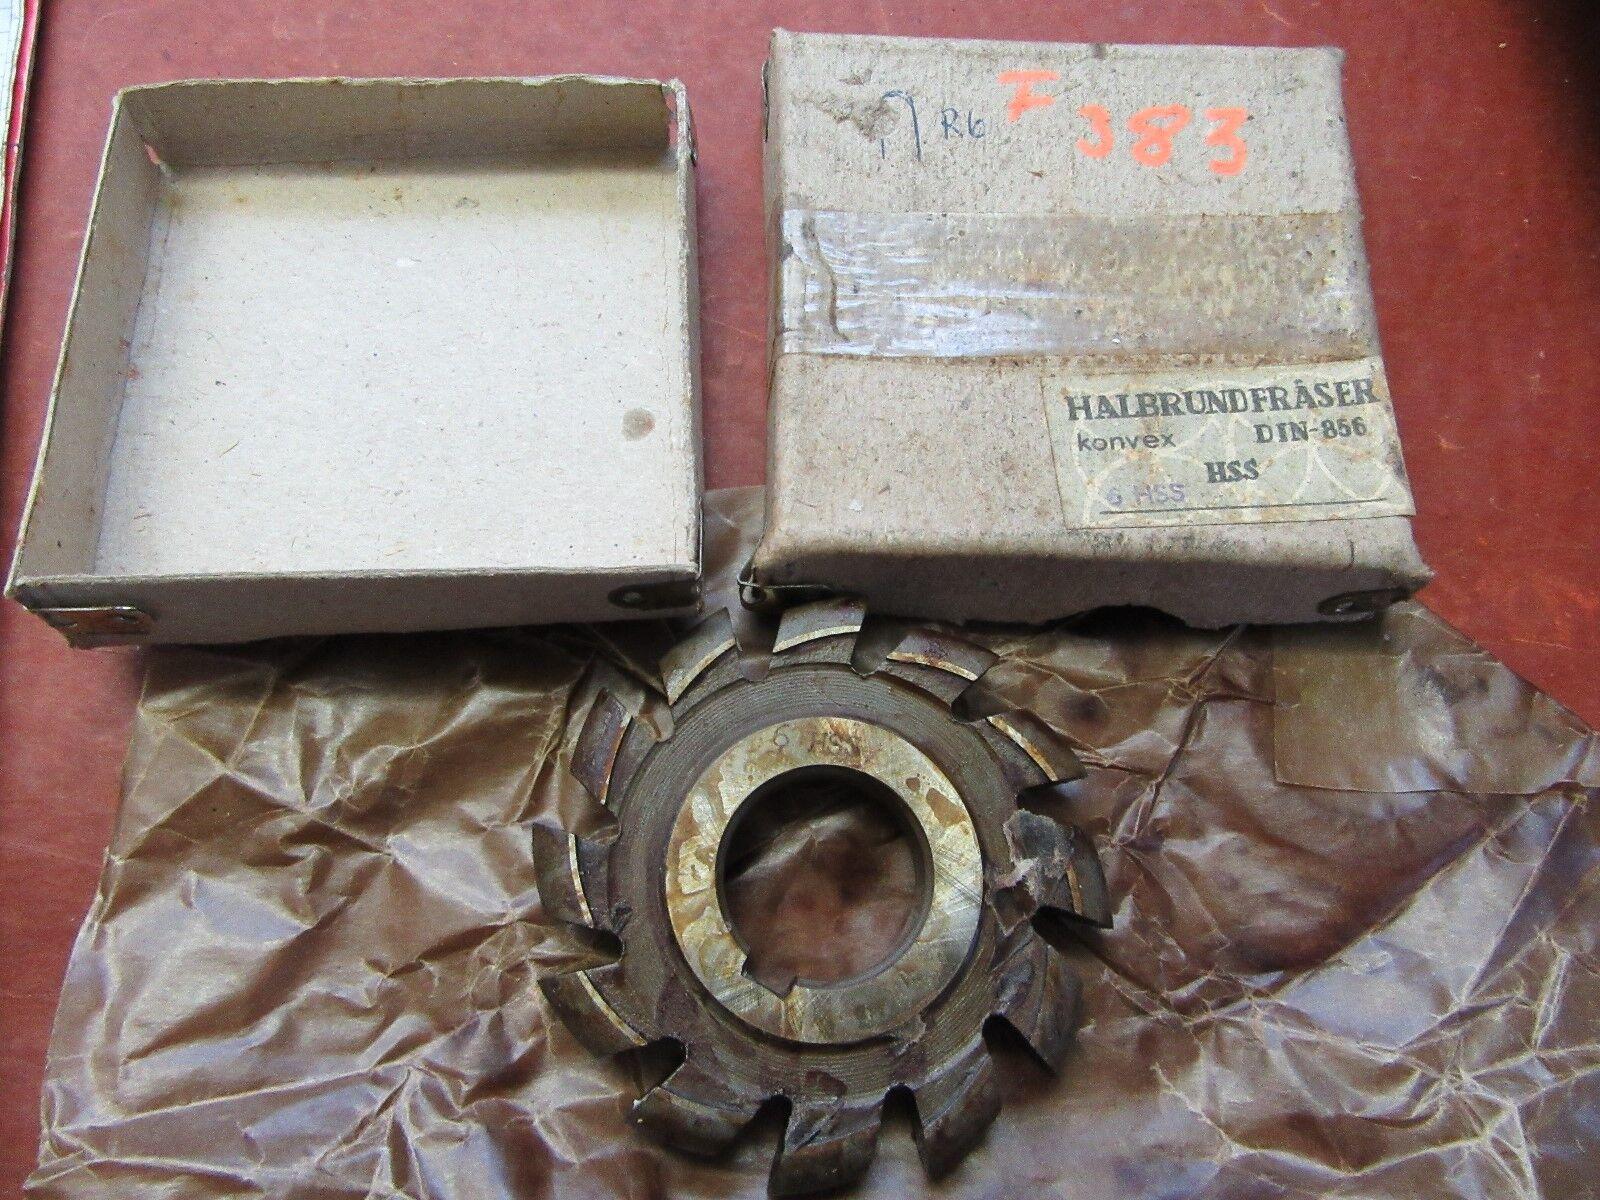 Halbkreisformfräser konvex  6HSS 80/12 Halbrundfräser Halbkreisfräser  #F383#